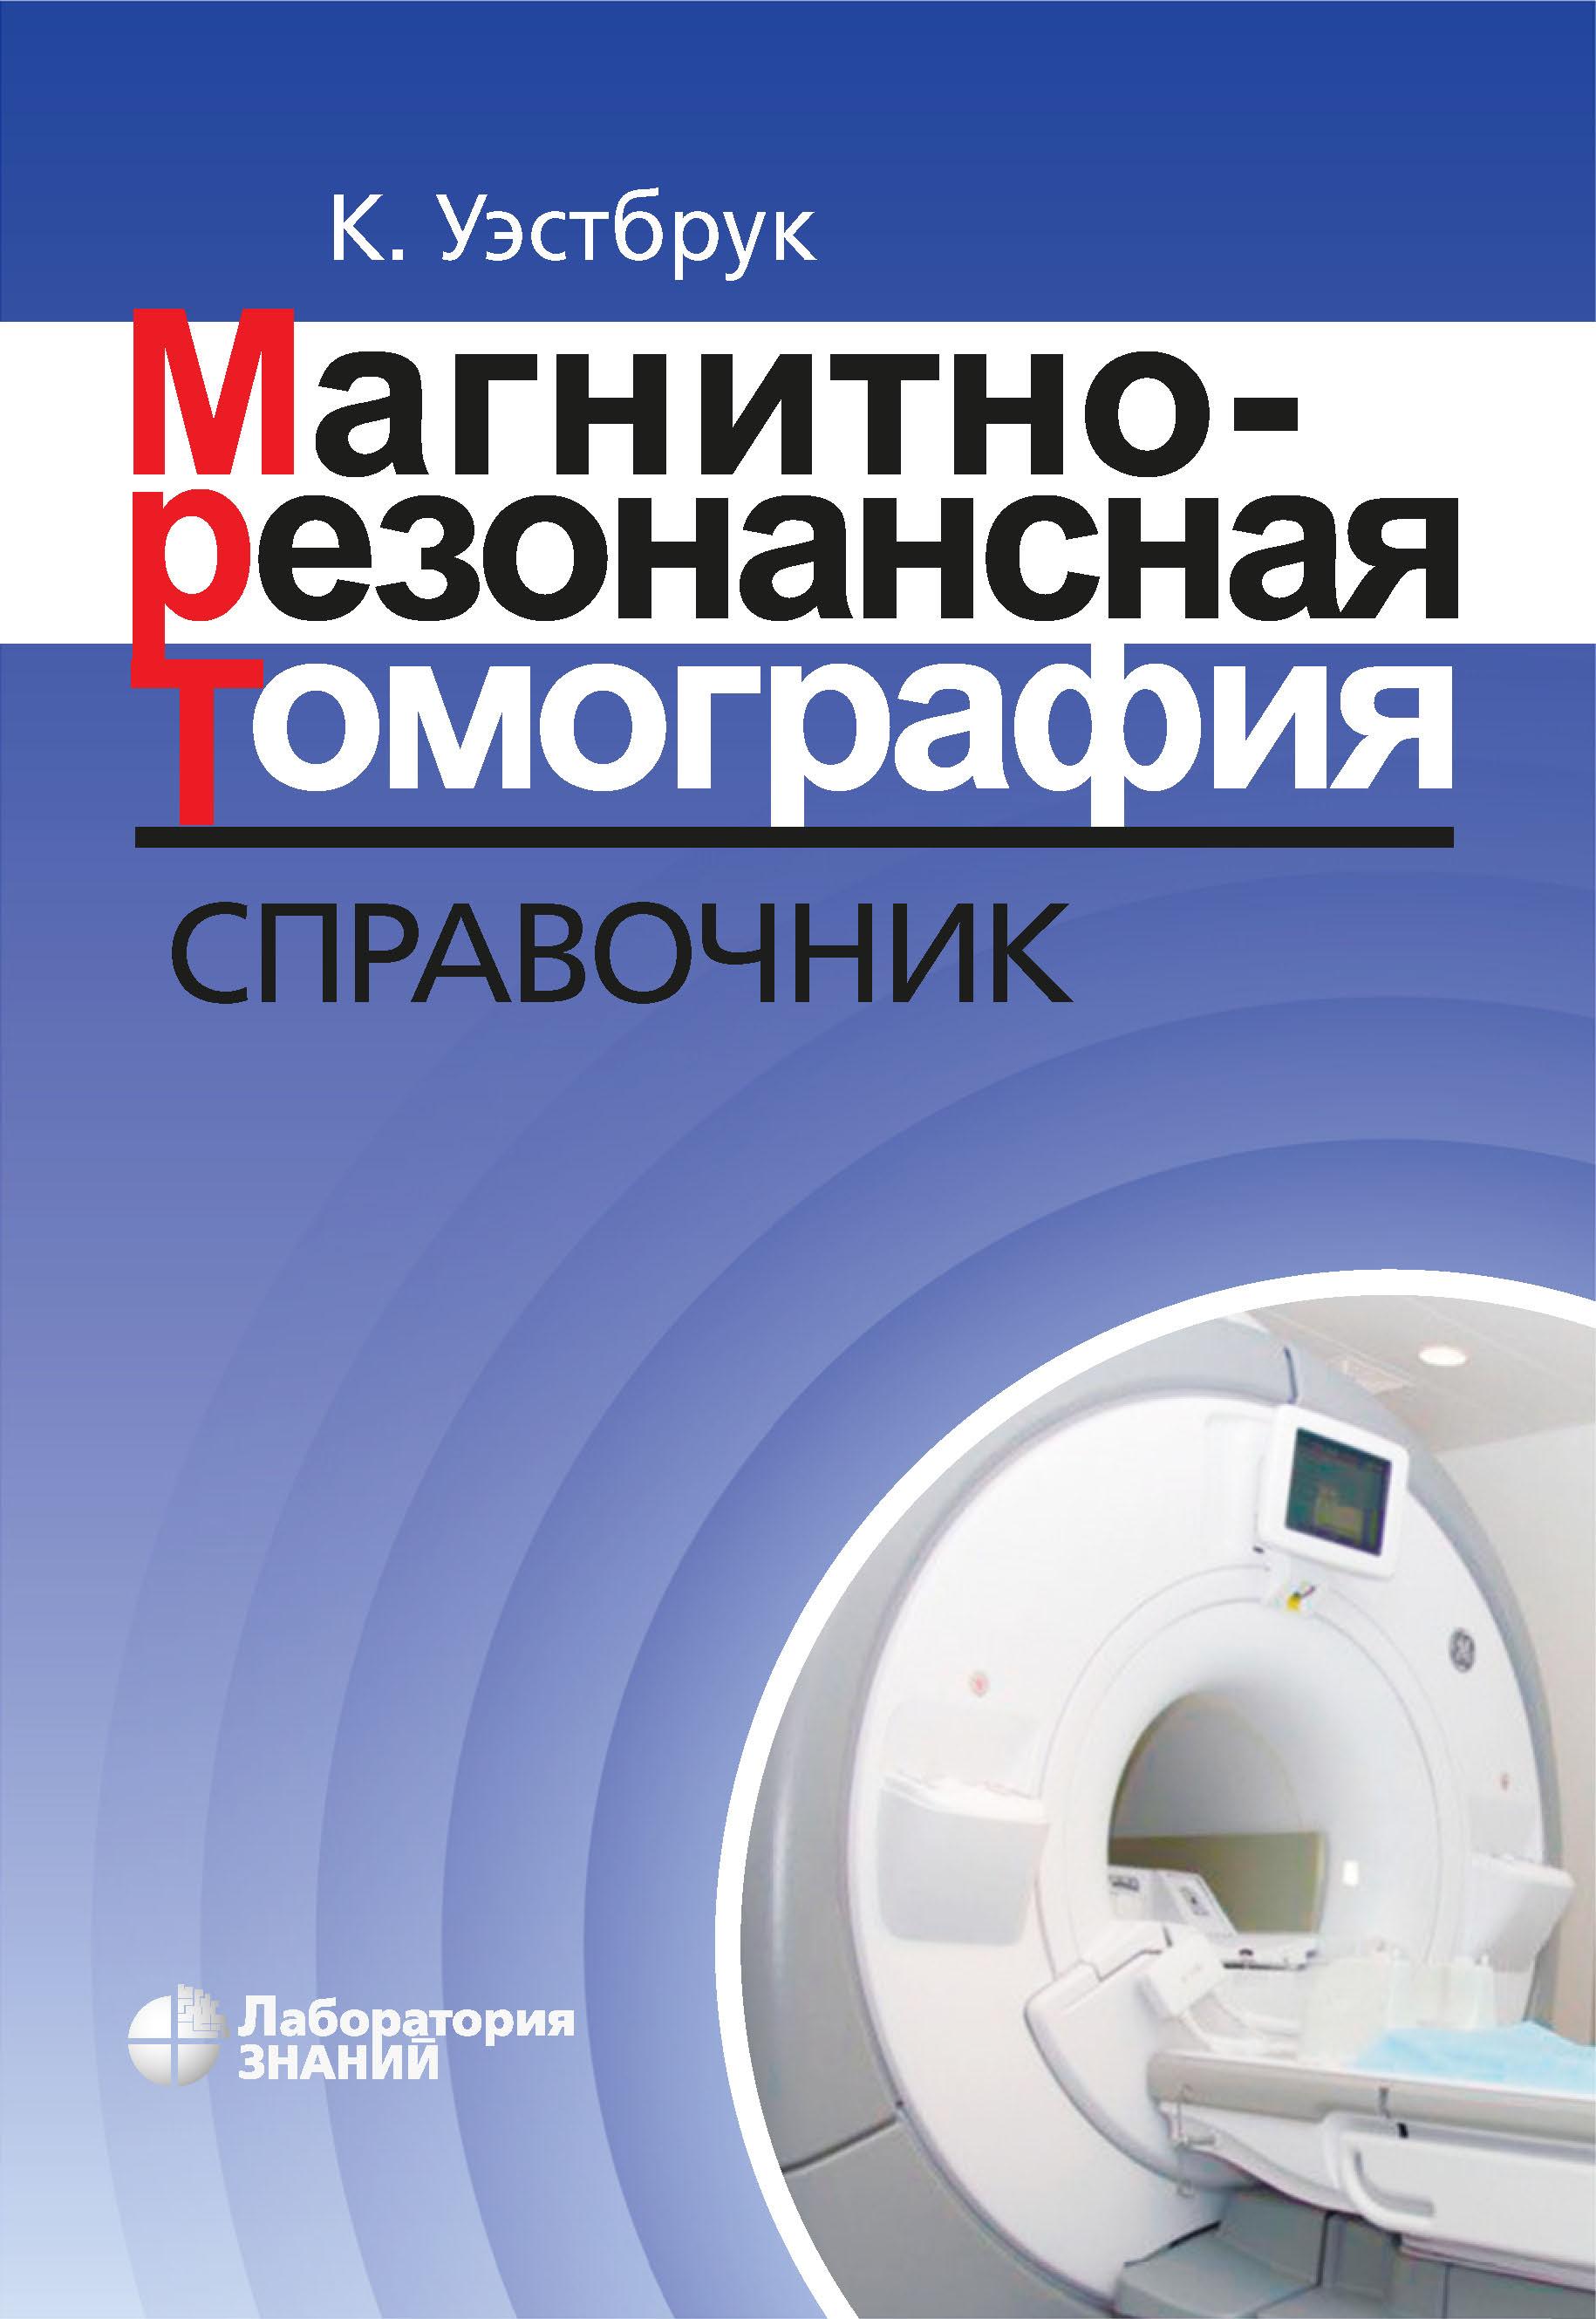 Магнитно-резонансная томография. Справочник фото